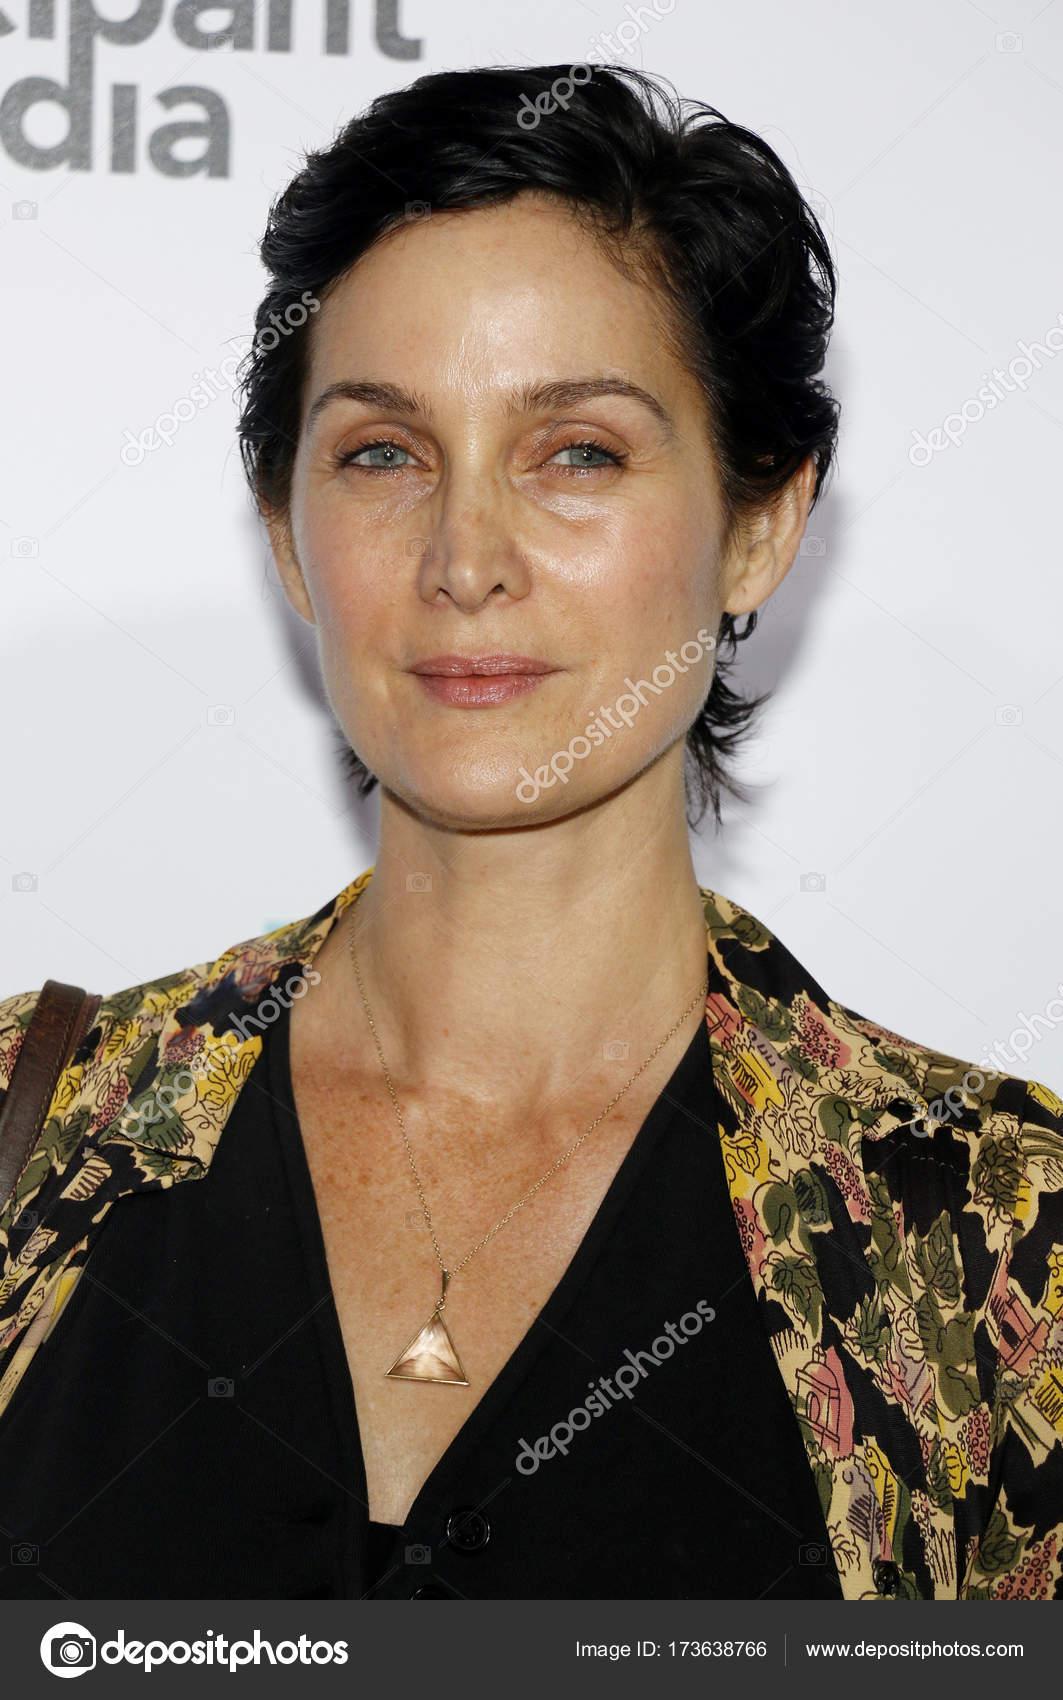 depositphotos_173638766-stock-photo-actress-carrie-anne-moss.jpg